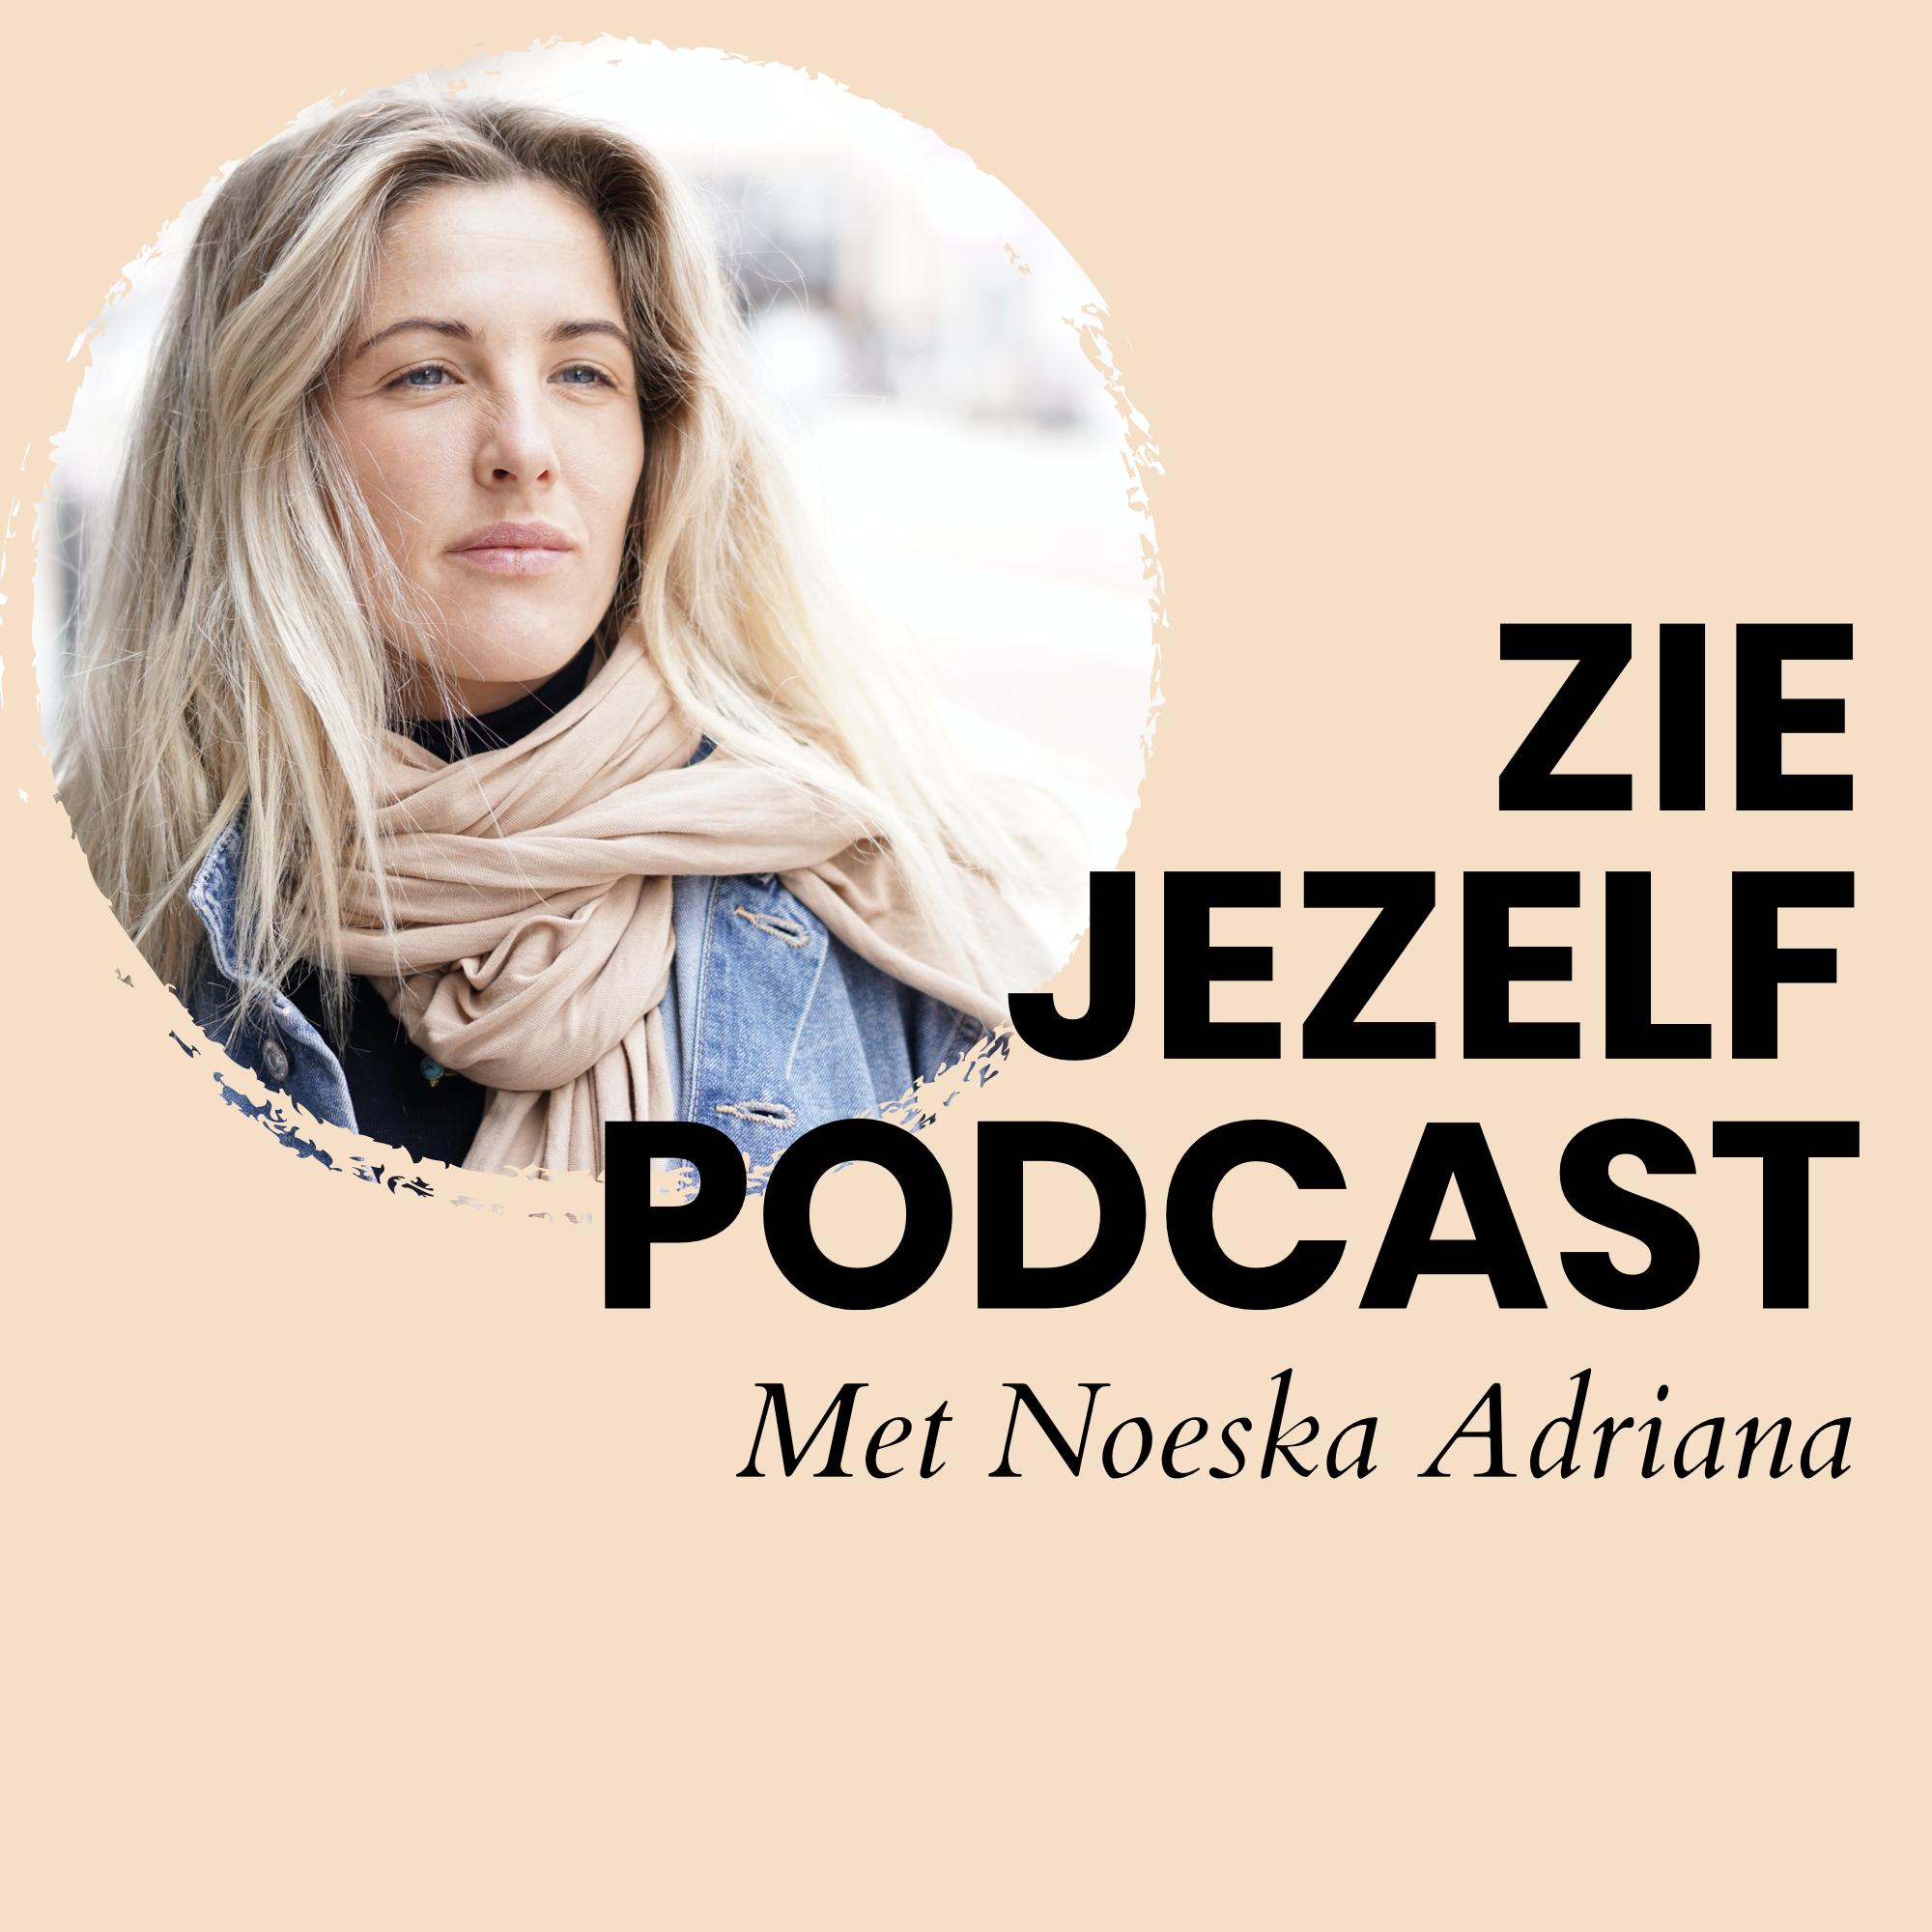 Zie Jezelf Podcast